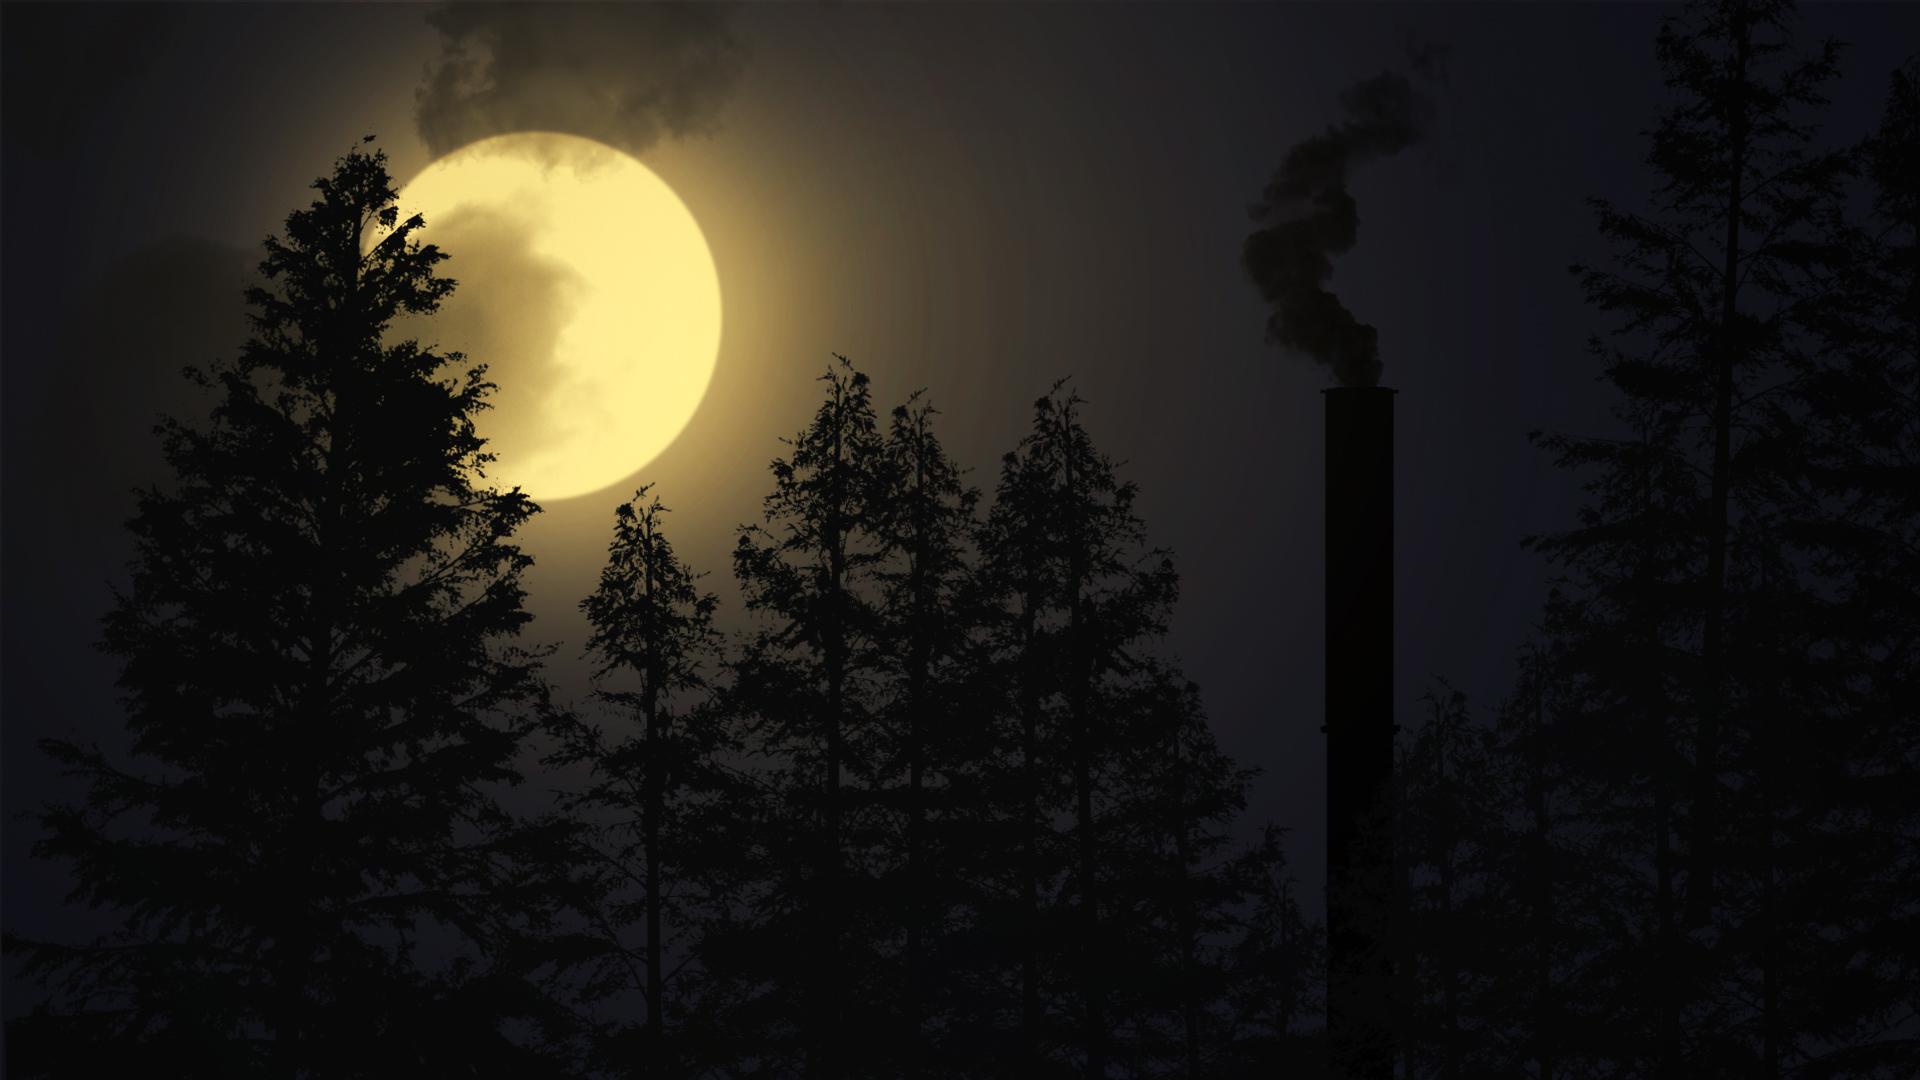 Fondos De Pantalla : Noche, Rayos De La Luna, Paisaje